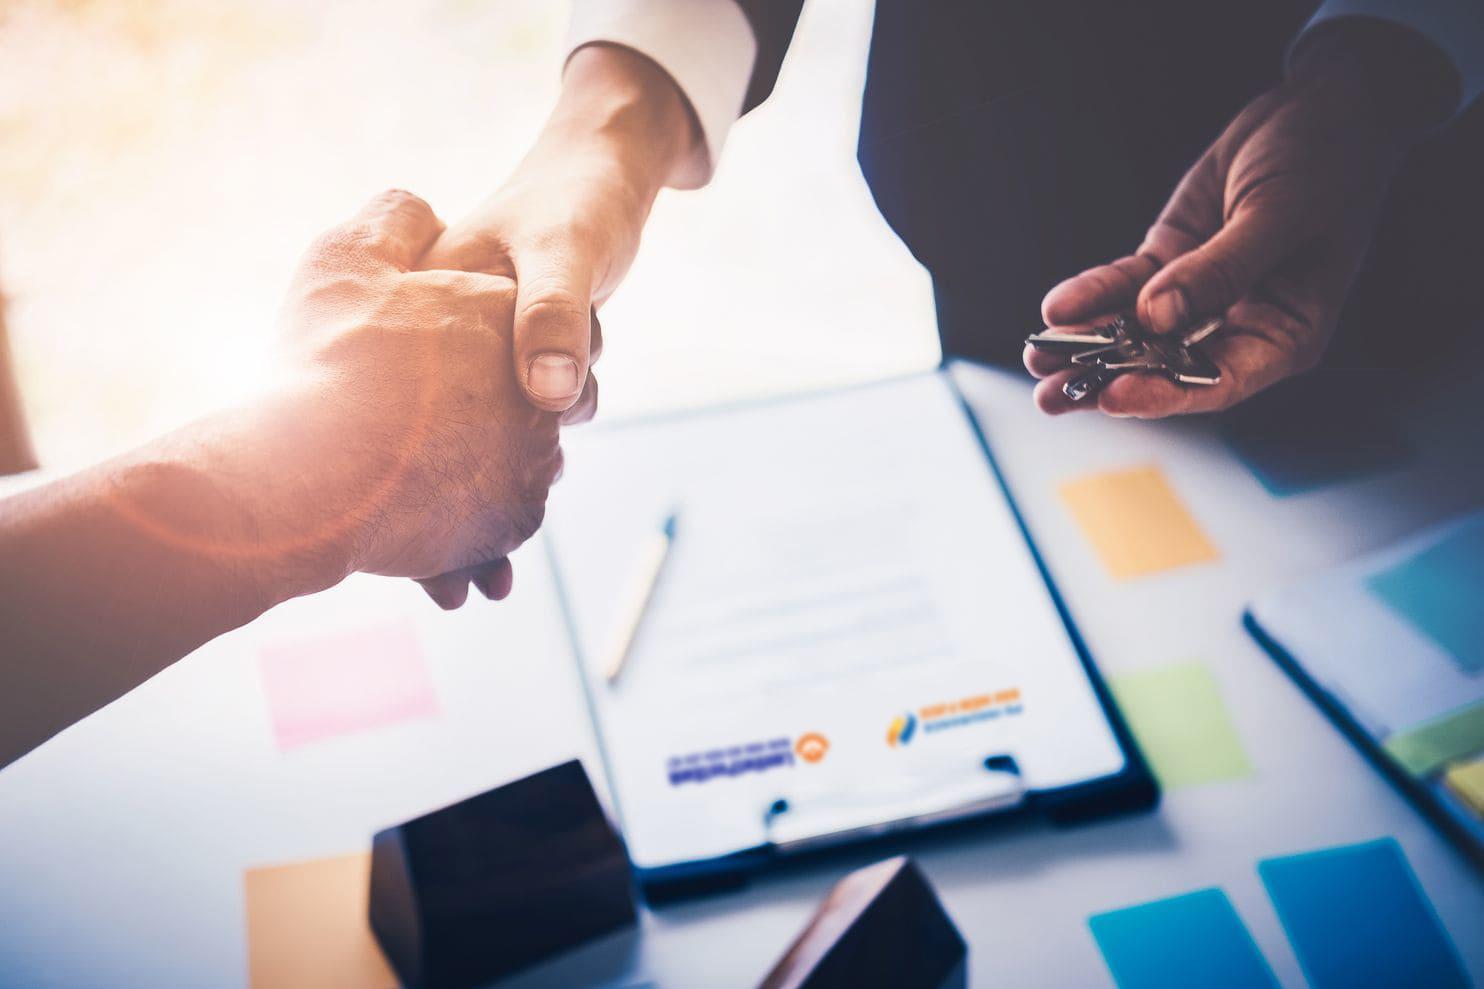 PJICO và LienVietPostBank triển khai hợp tác bảo hiểm trực tuyến